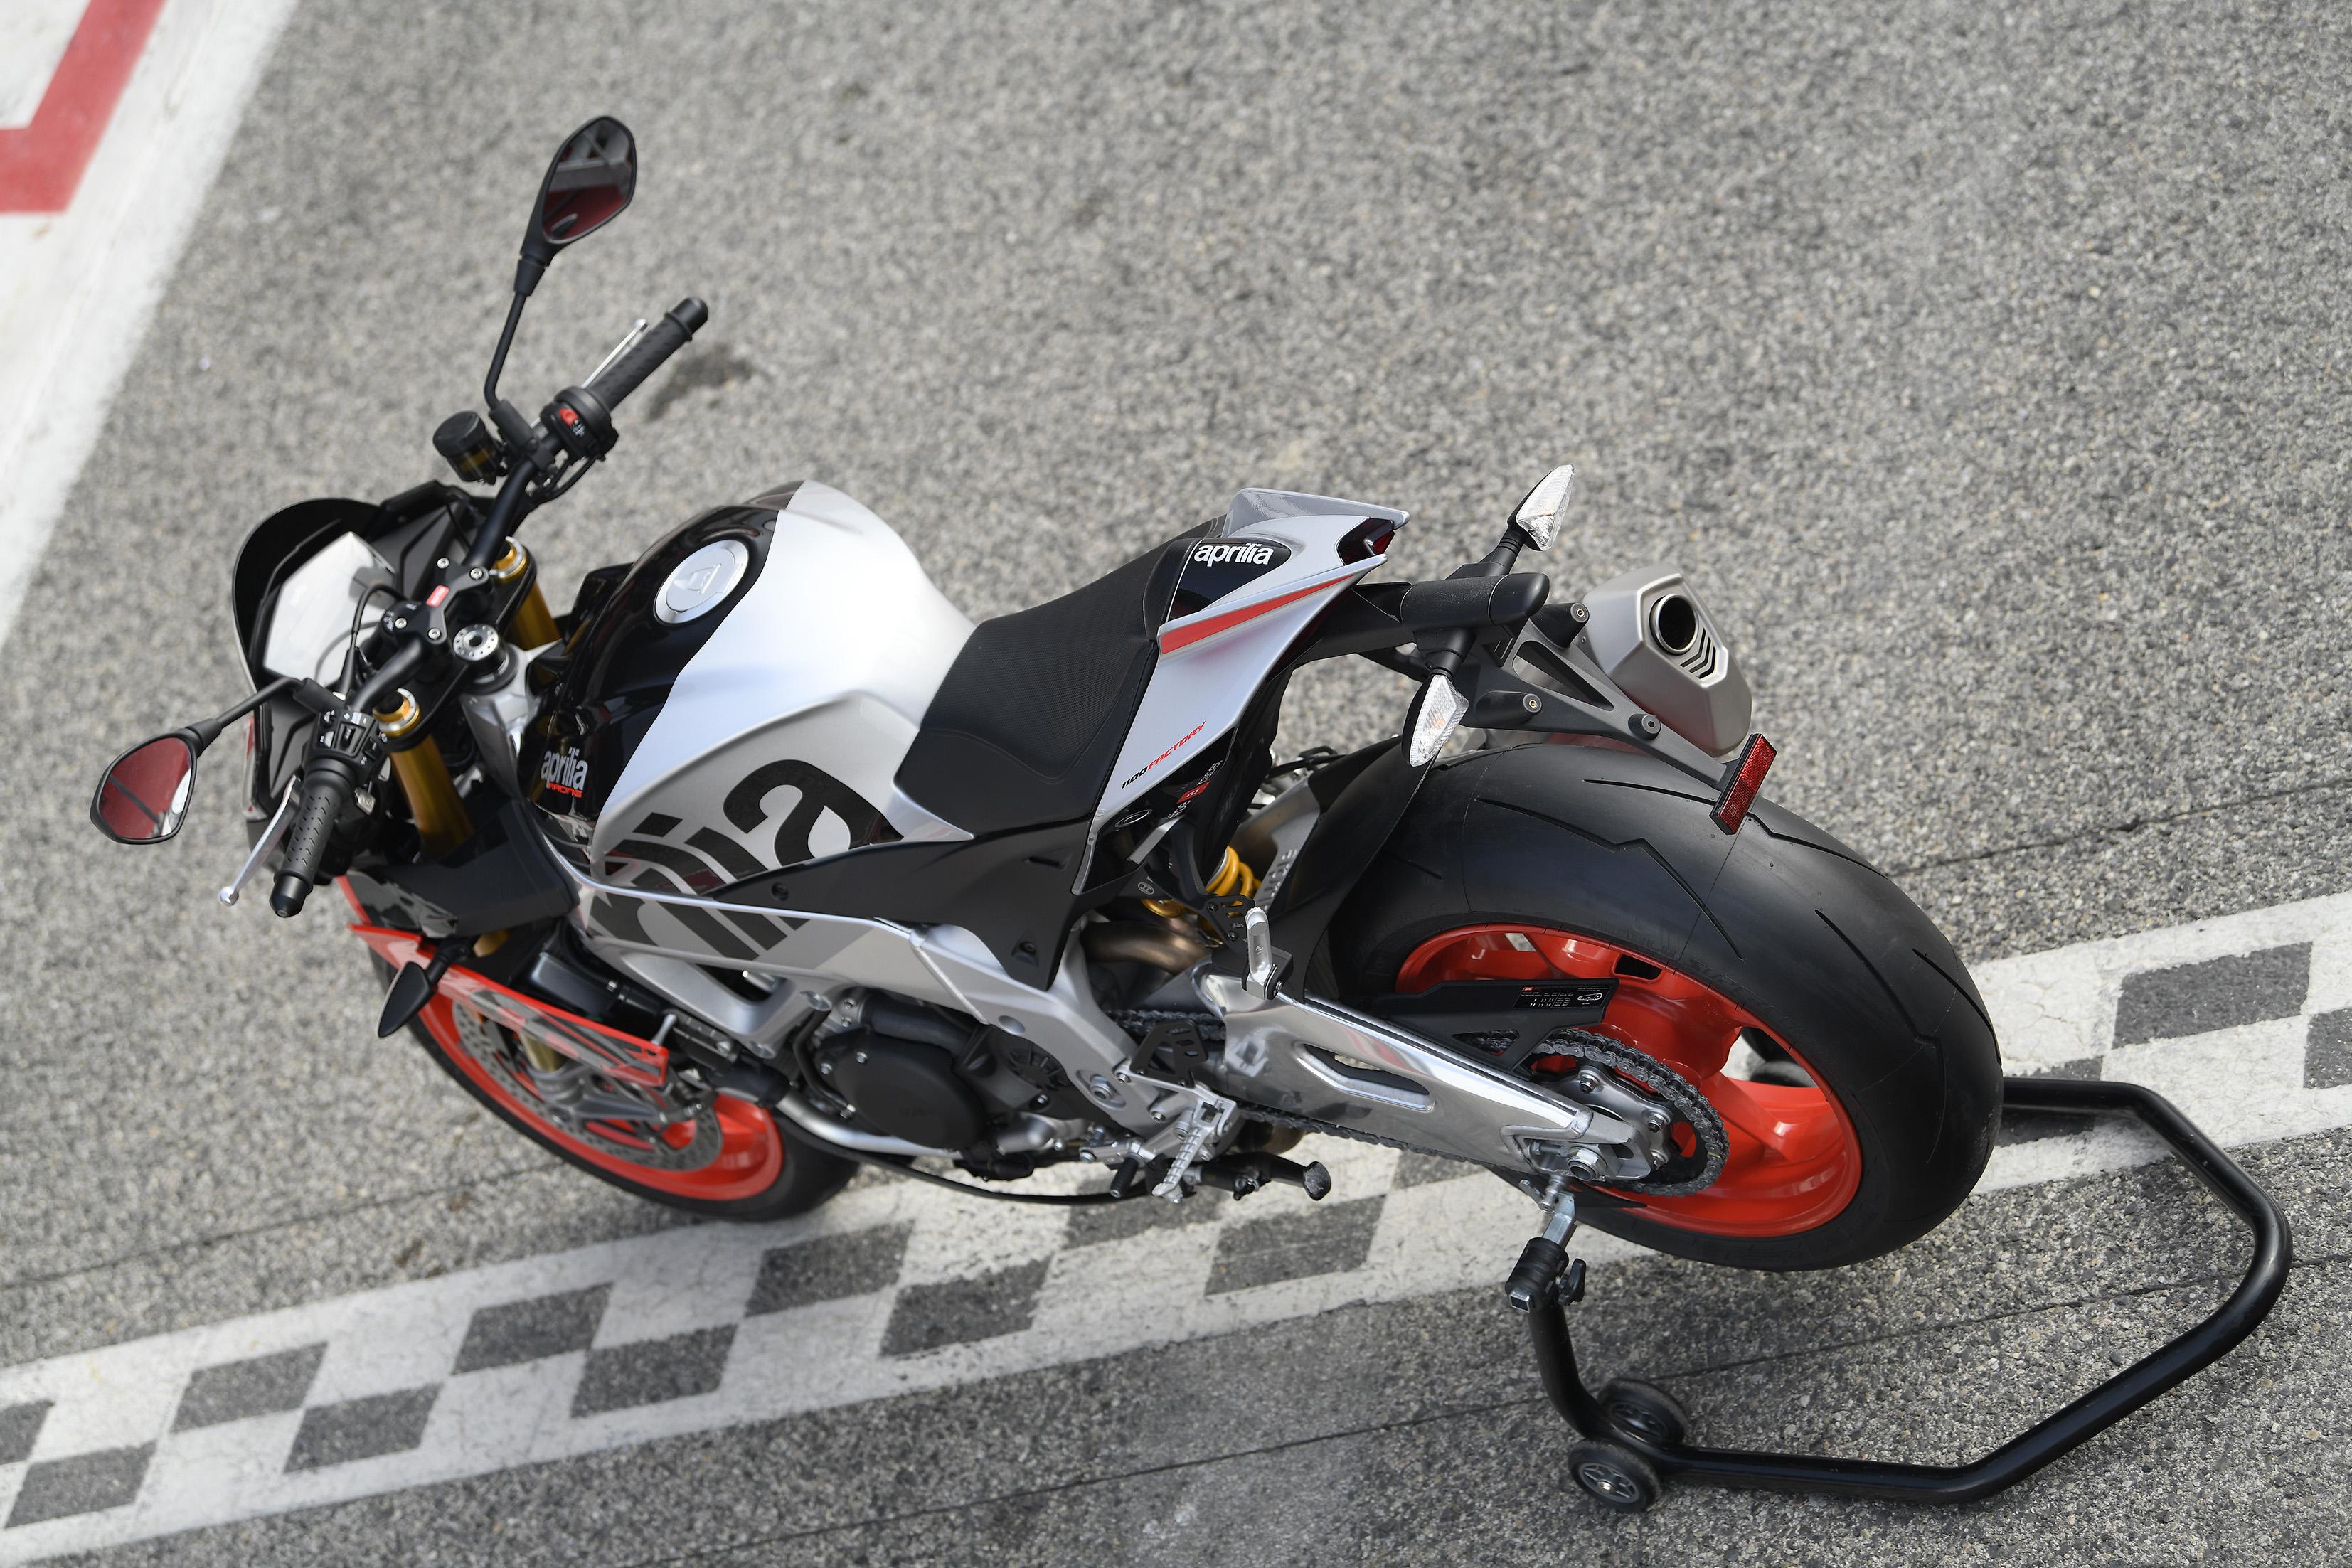 25 Tuono V4 1100 Factory Paul Tan S Automotive News